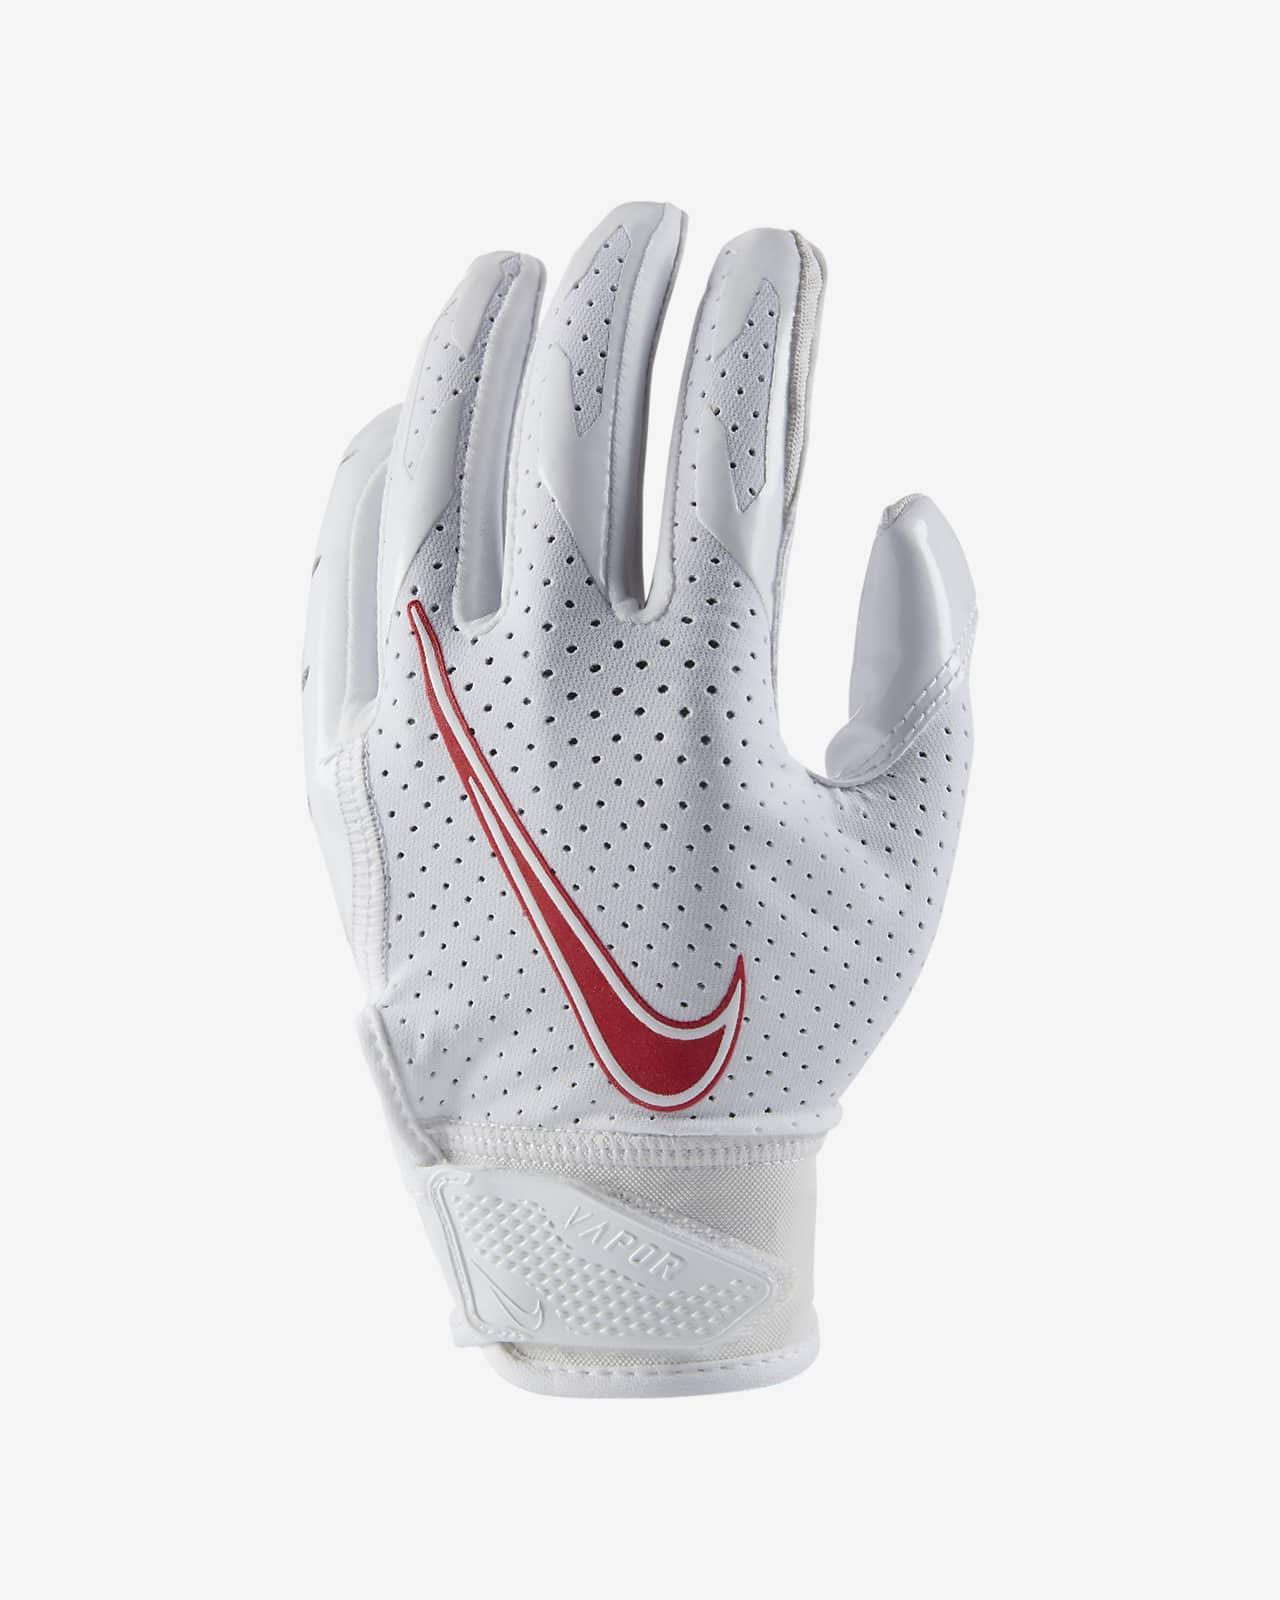 Nike Vapor Jet 6.0 Kids' Football Gloves